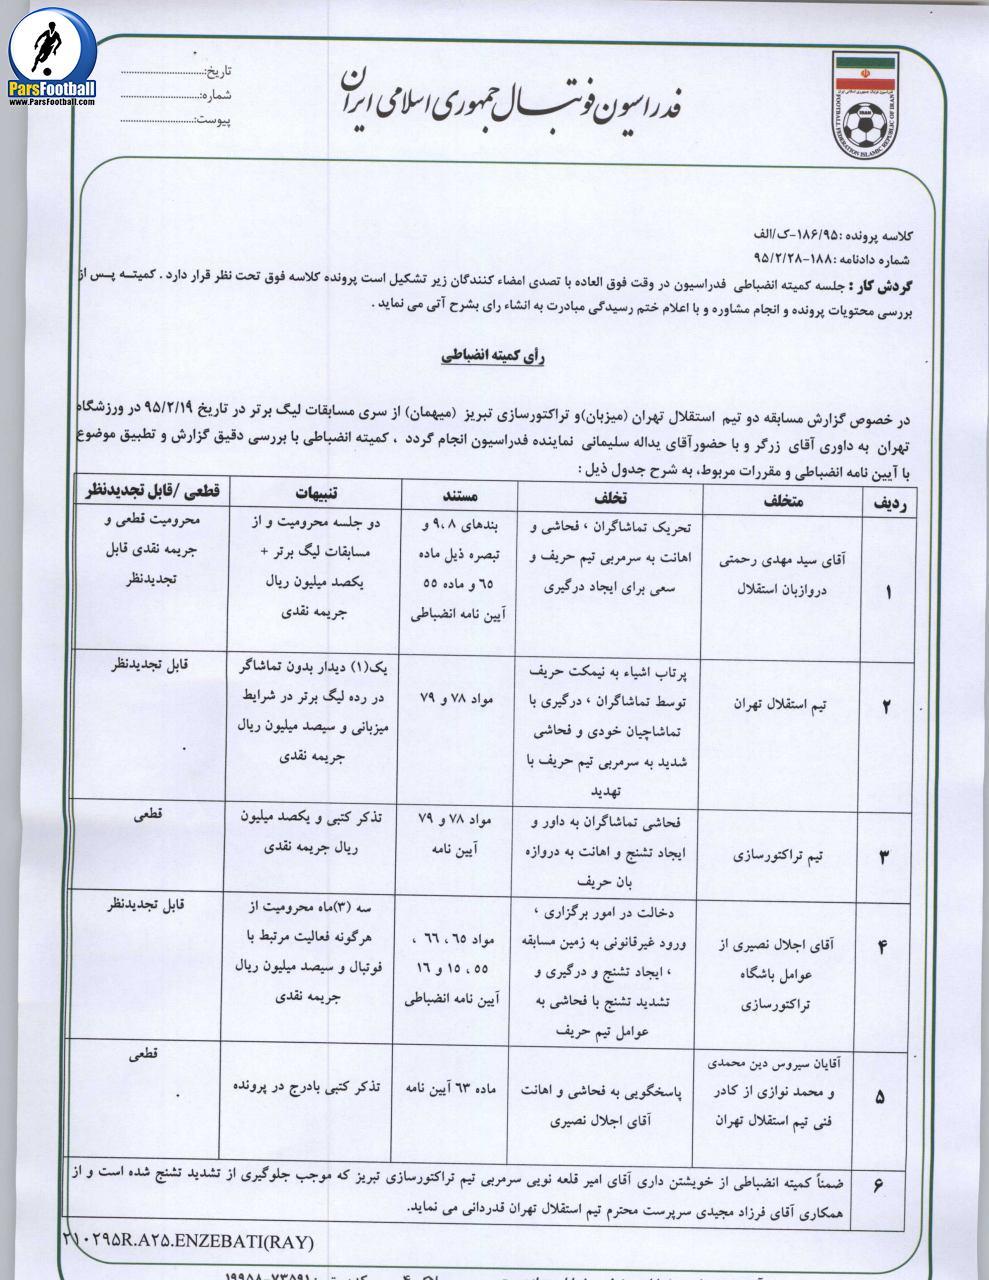 کمیته انضباطی